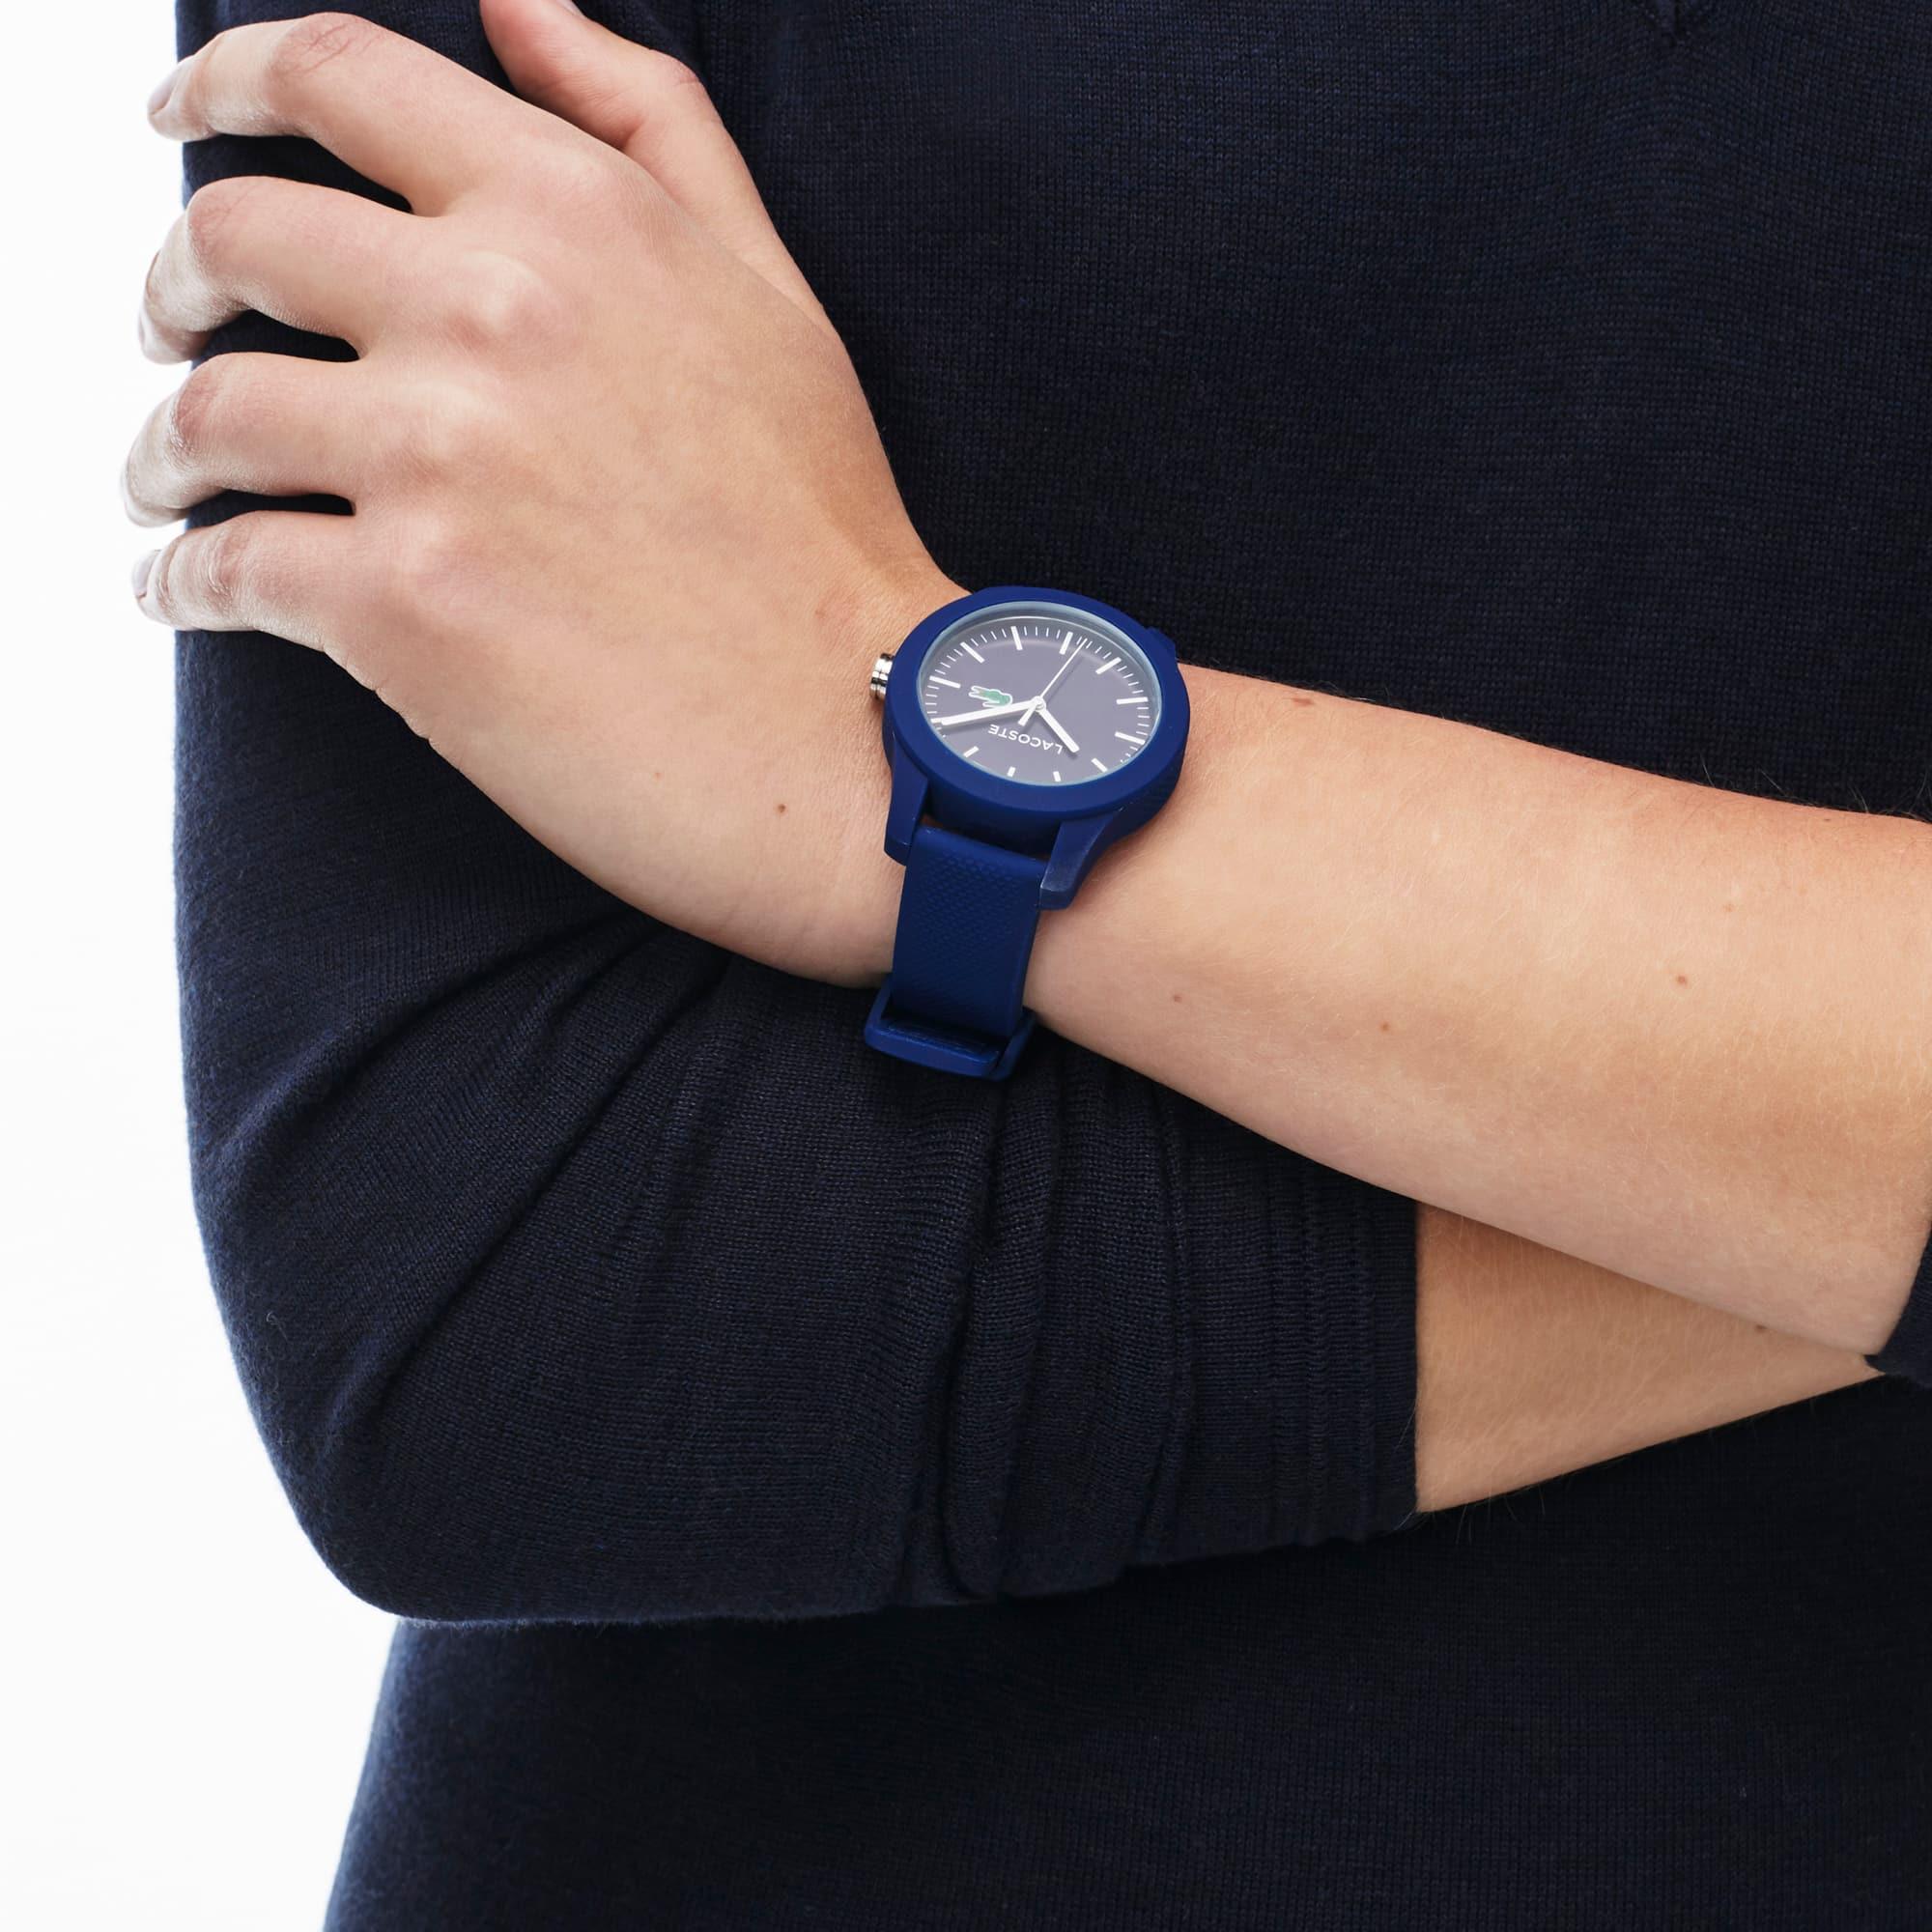 Montre Lacoste.12.12 Femme avec Bracelet en Silicone Bleu